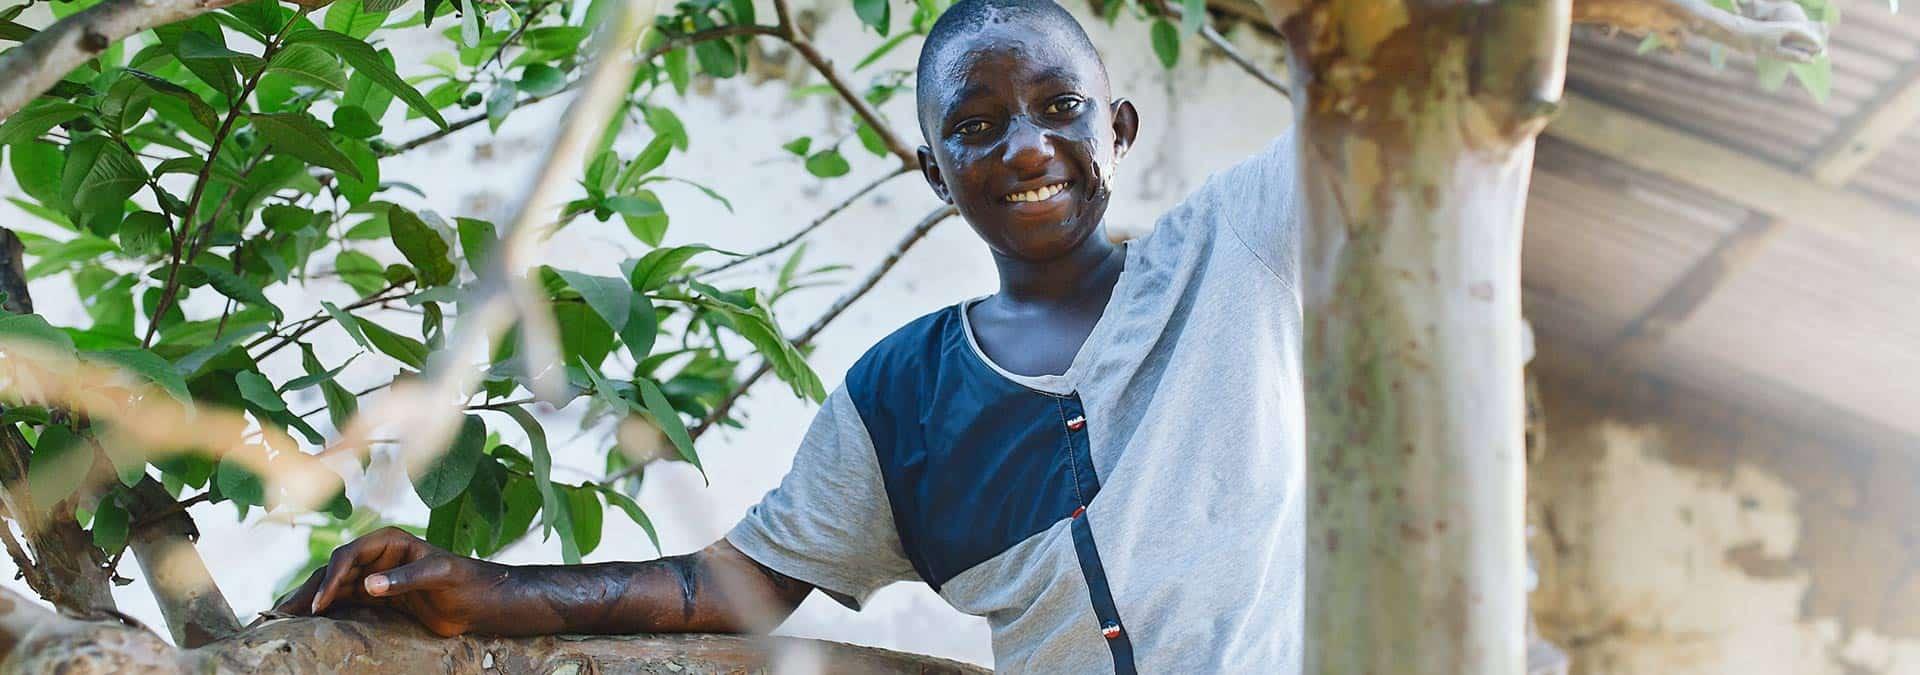 Paul Bernard kann nach seiner plastischen OP seinen Arm endlich wieder bewegen und sogar auf Bäume klettern